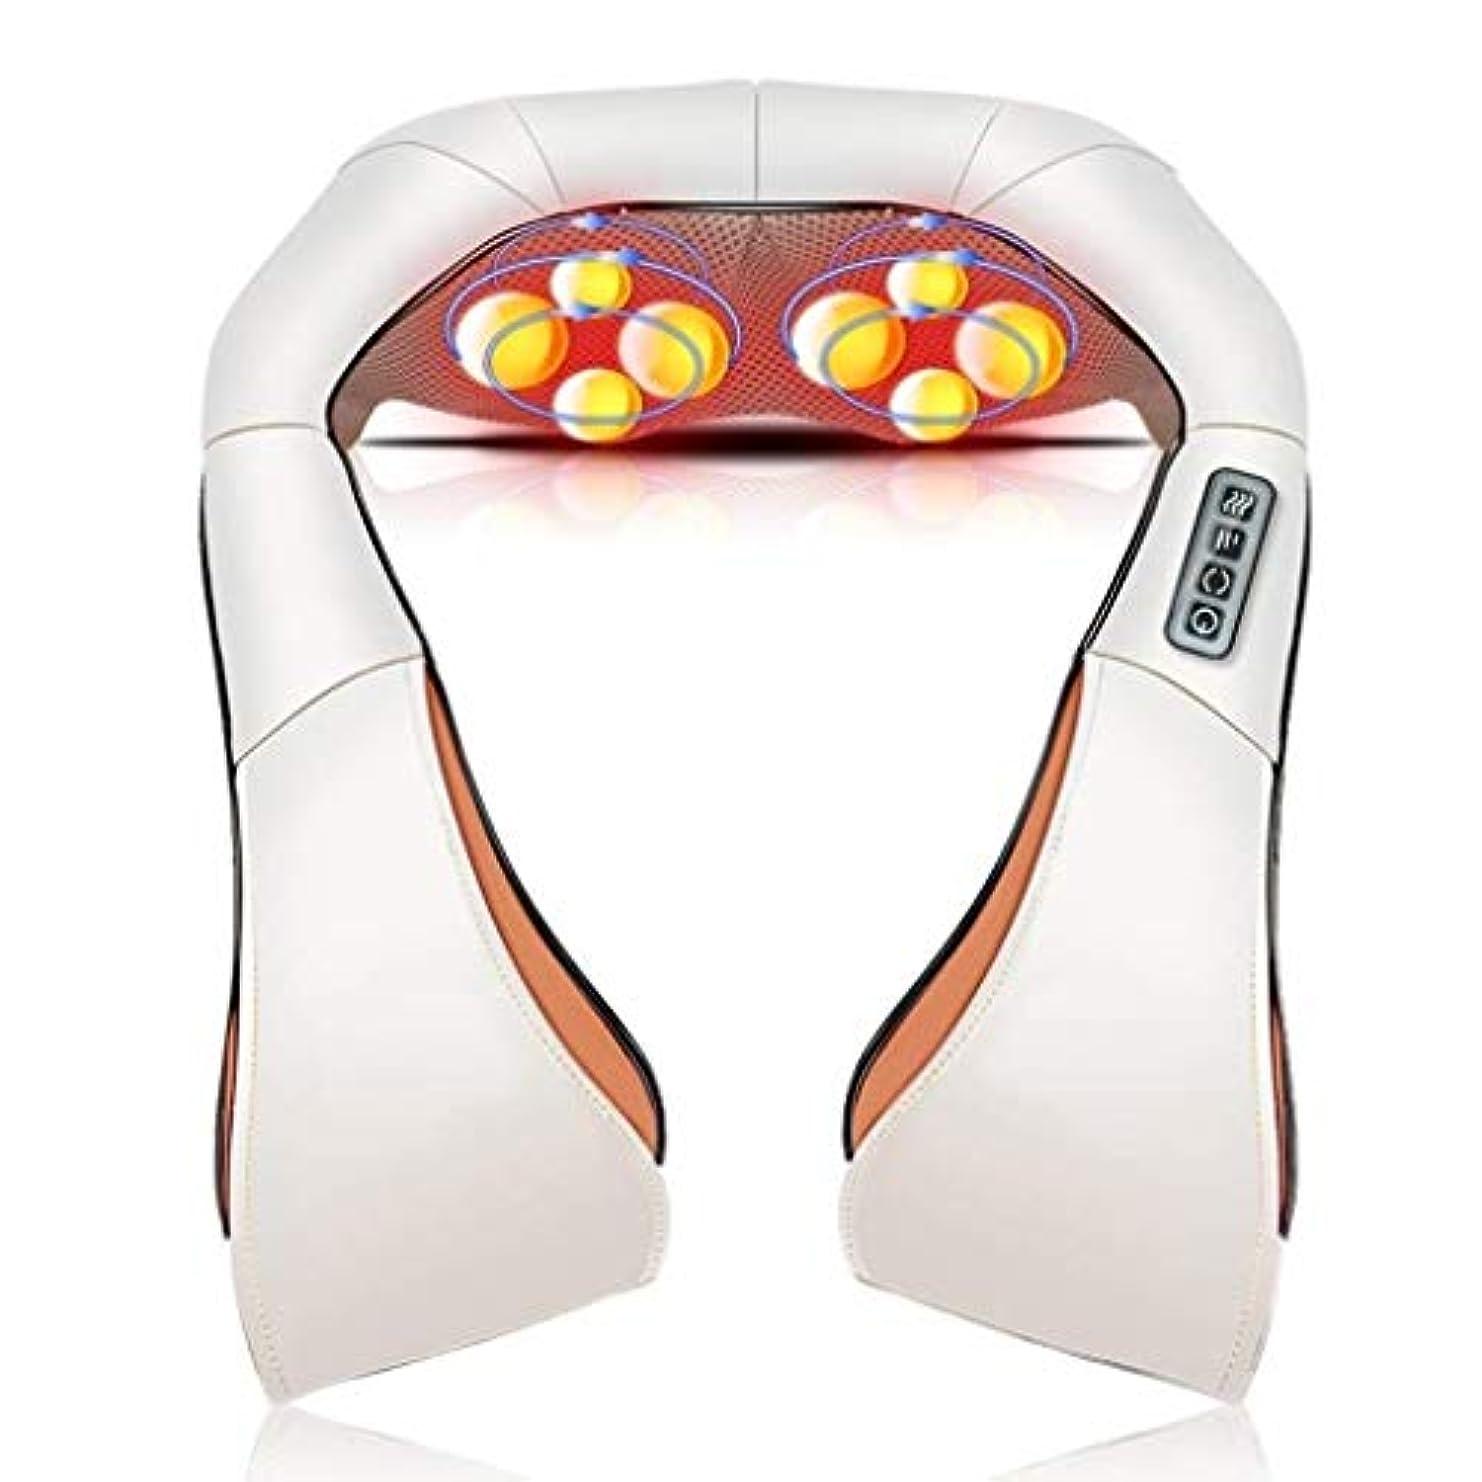 セラーに対して請願者電動ネックマッサージ、多機能加熱/振動マッサージ、調節可能な筋力、背中、肩、足、足、痛みの緩和に適しています